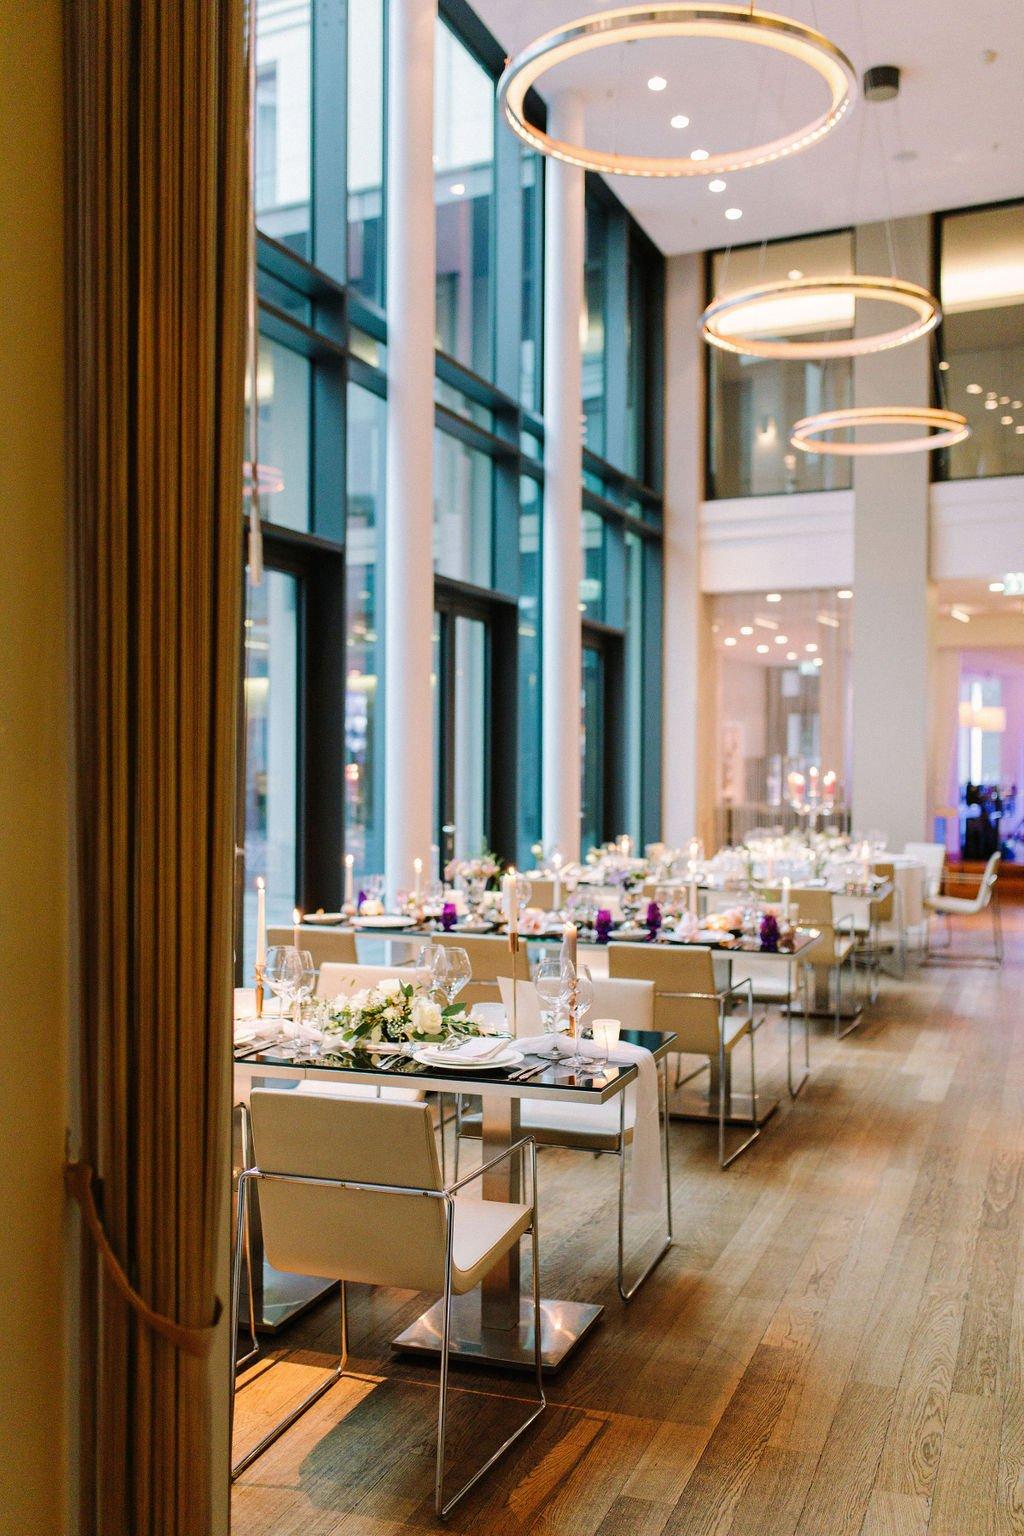 Offnungszeiten Ven Restaurant Dresden